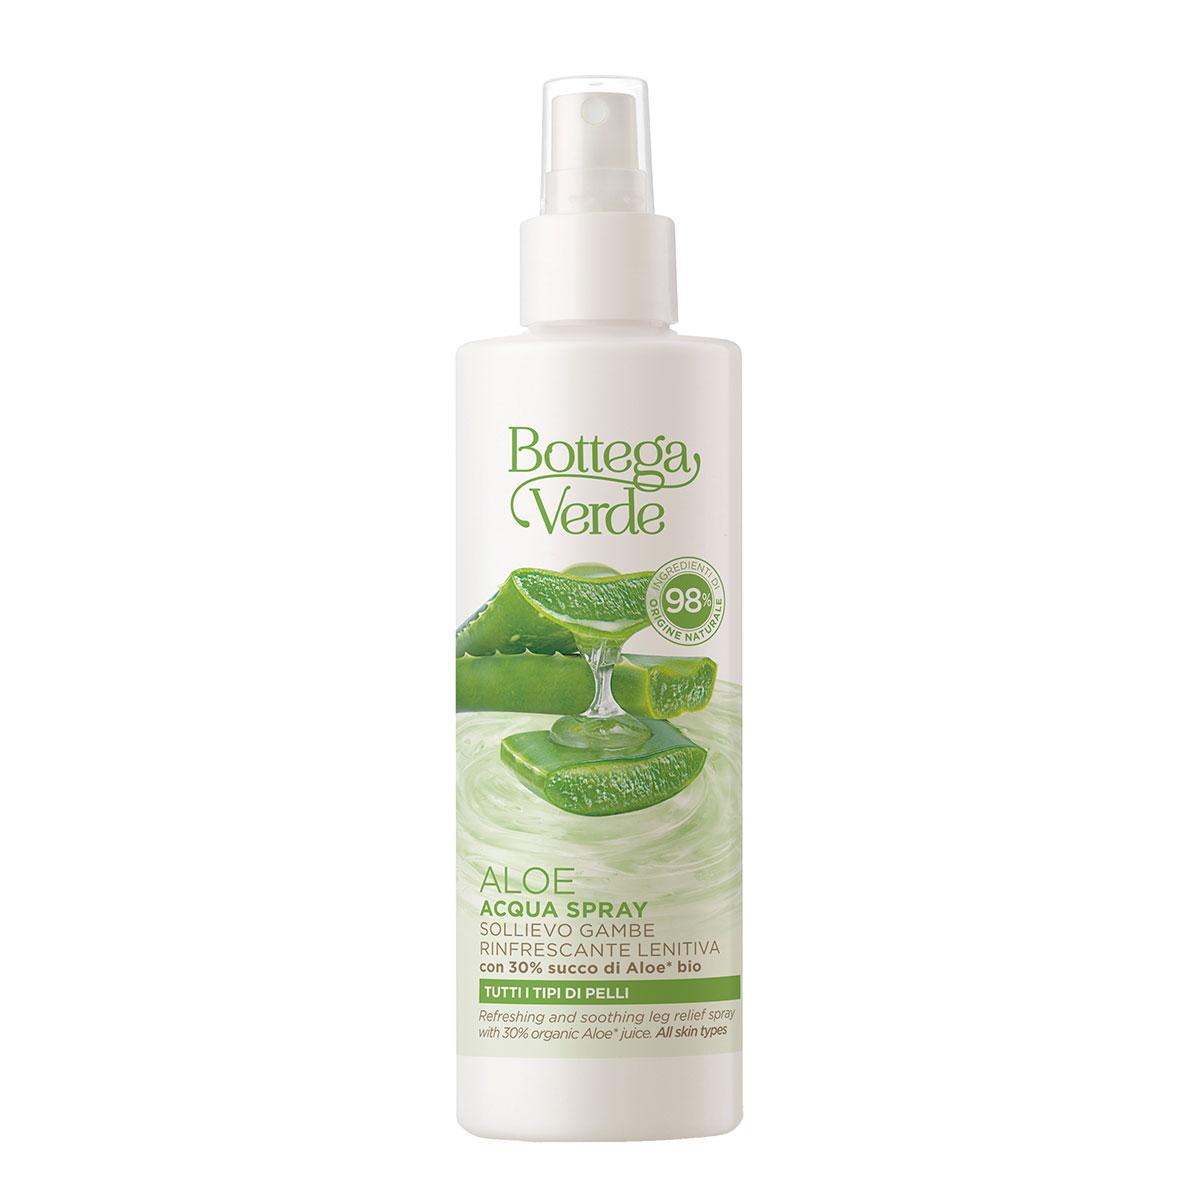 Spray revigorant pentru picioare cu 30% suc de aloe vera bio imagine